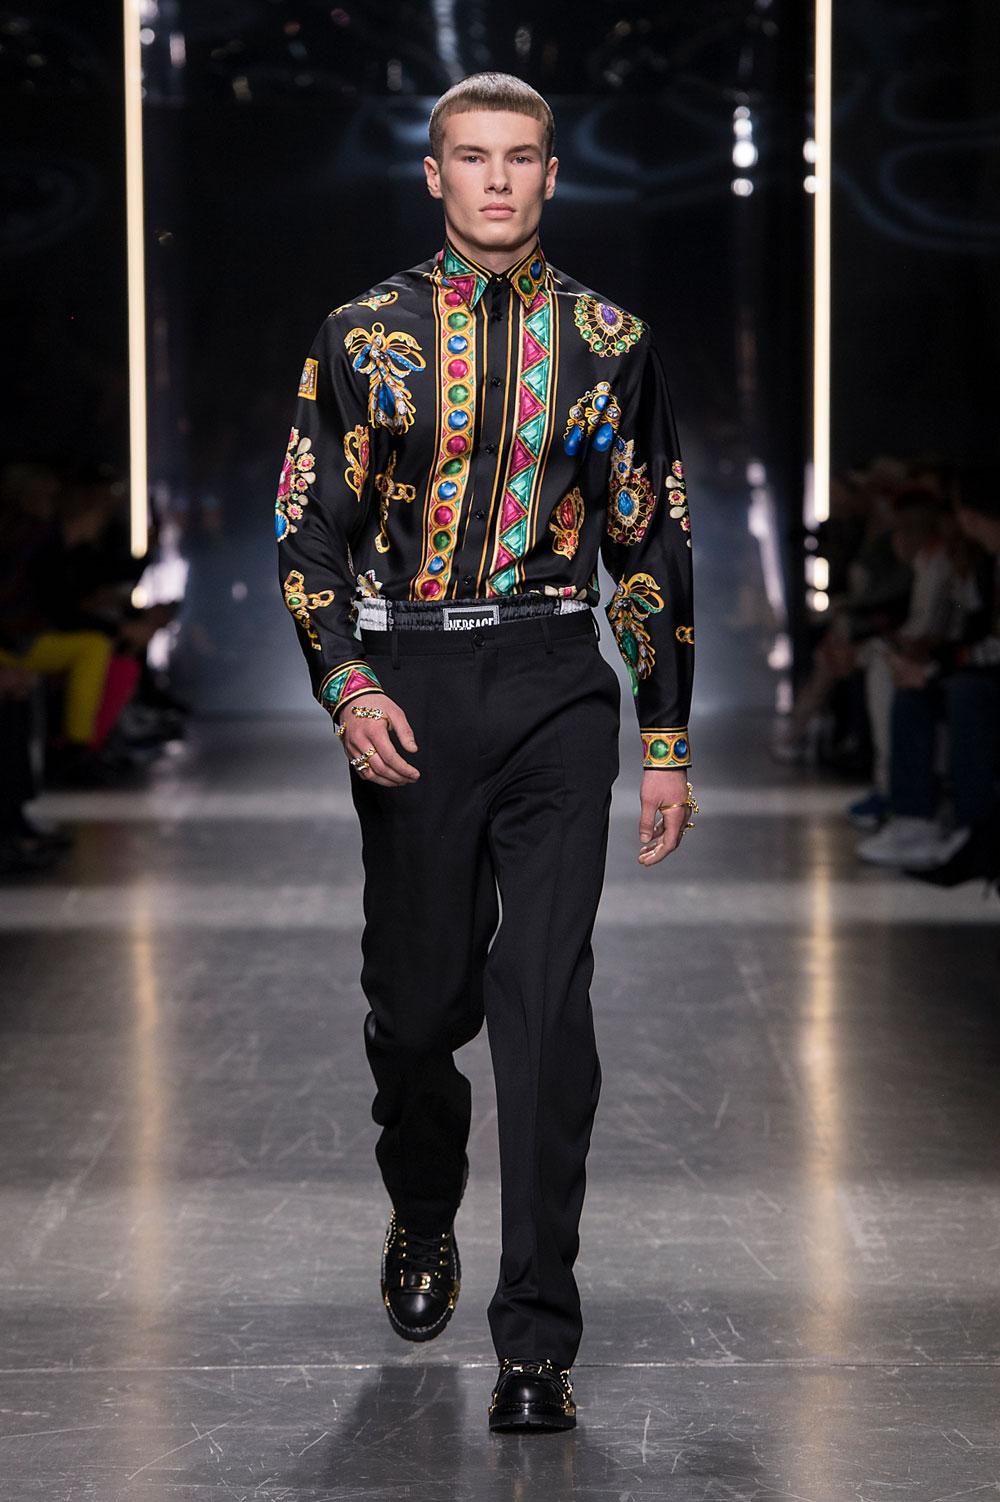 Milan Men's Fashion Week F/W 2019 Part 2 - Achtung